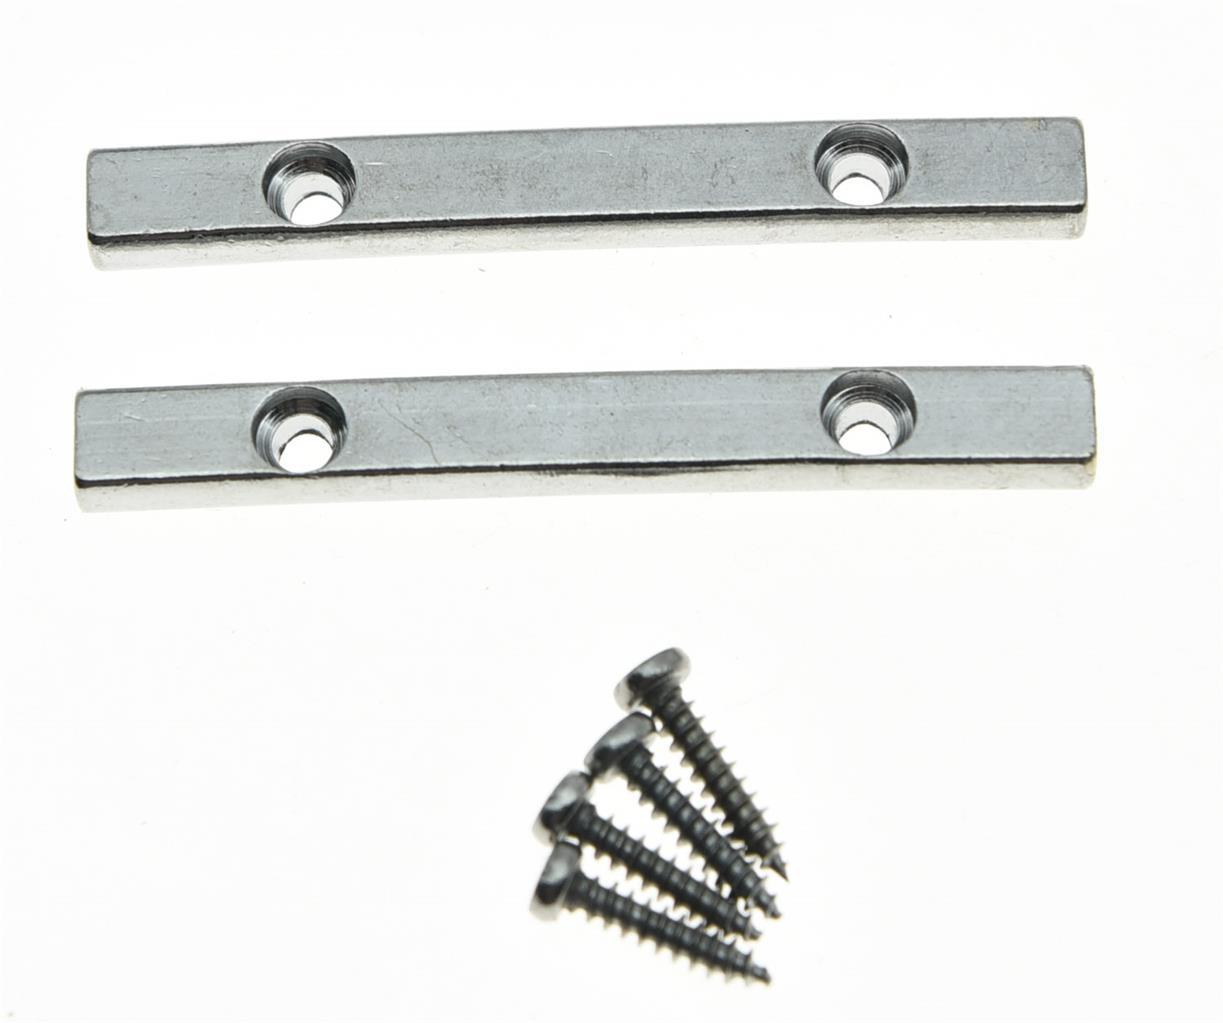 2pcs guitar string retainer bar for floyd rose guitar chrome ebay. Black Bedroom Furniture Sets. Home Design Ideas